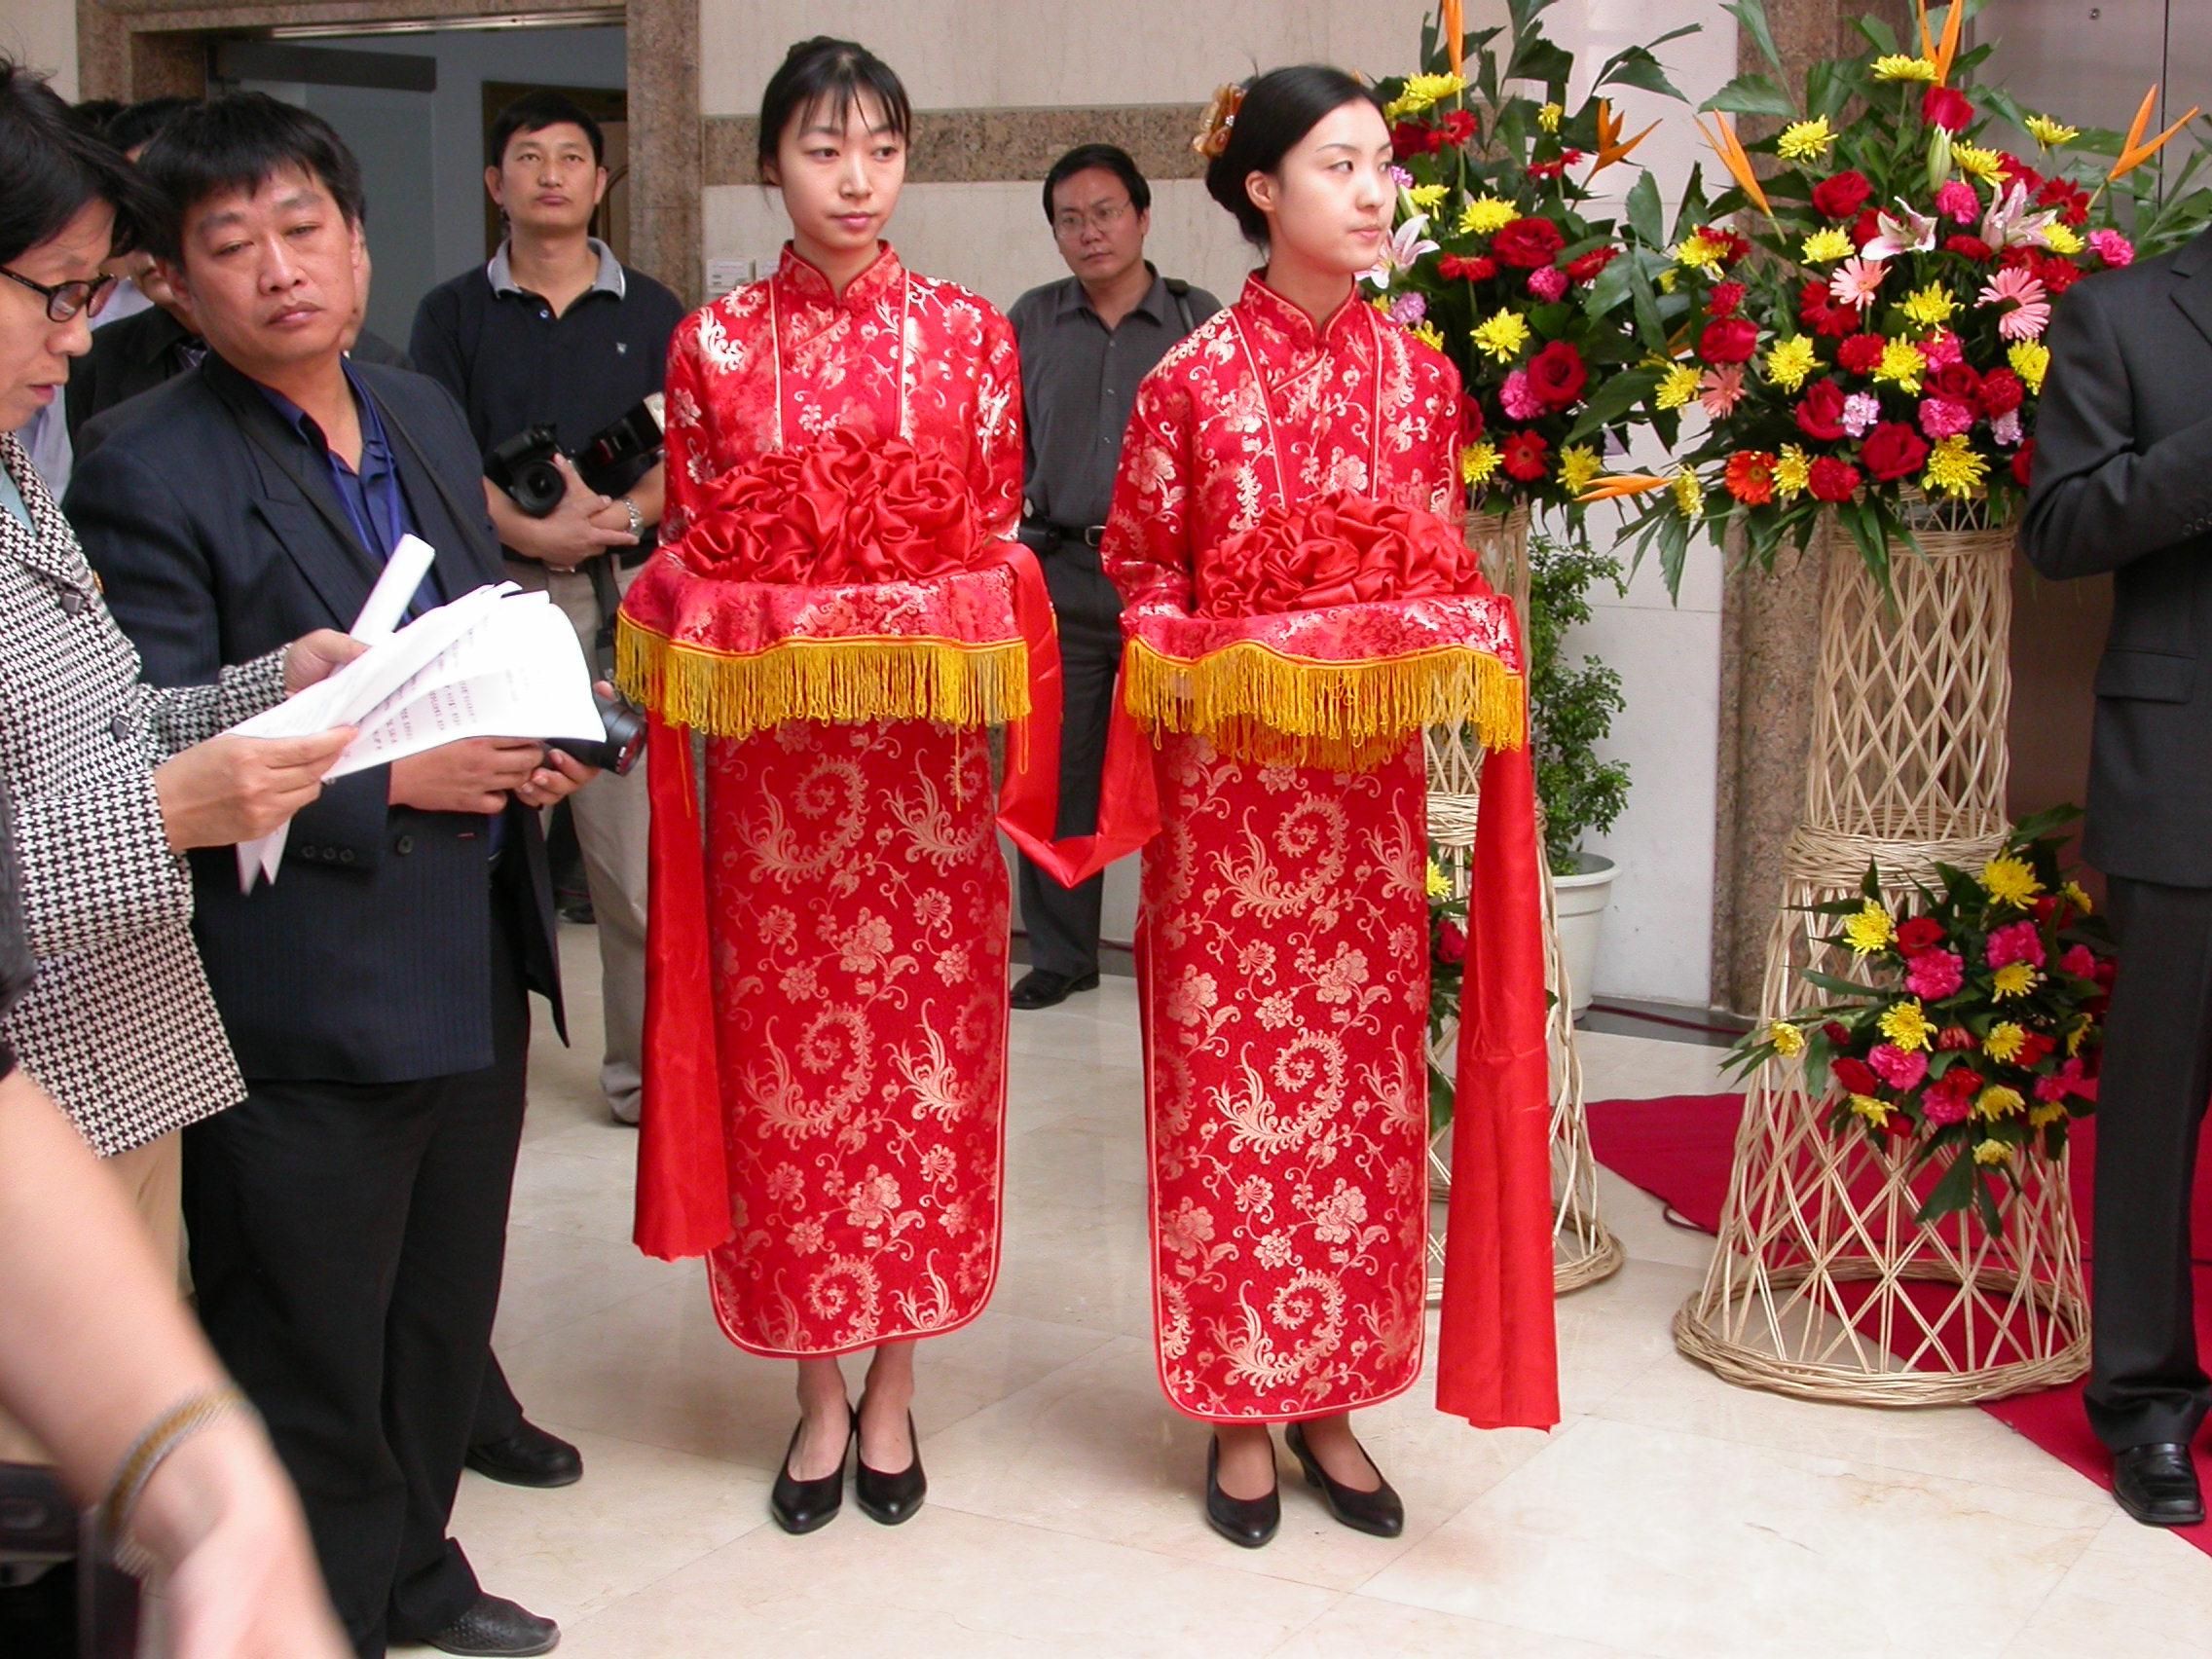 PIX_CN_Beijing_Red Cross Exhibition Opening_0110.jpg